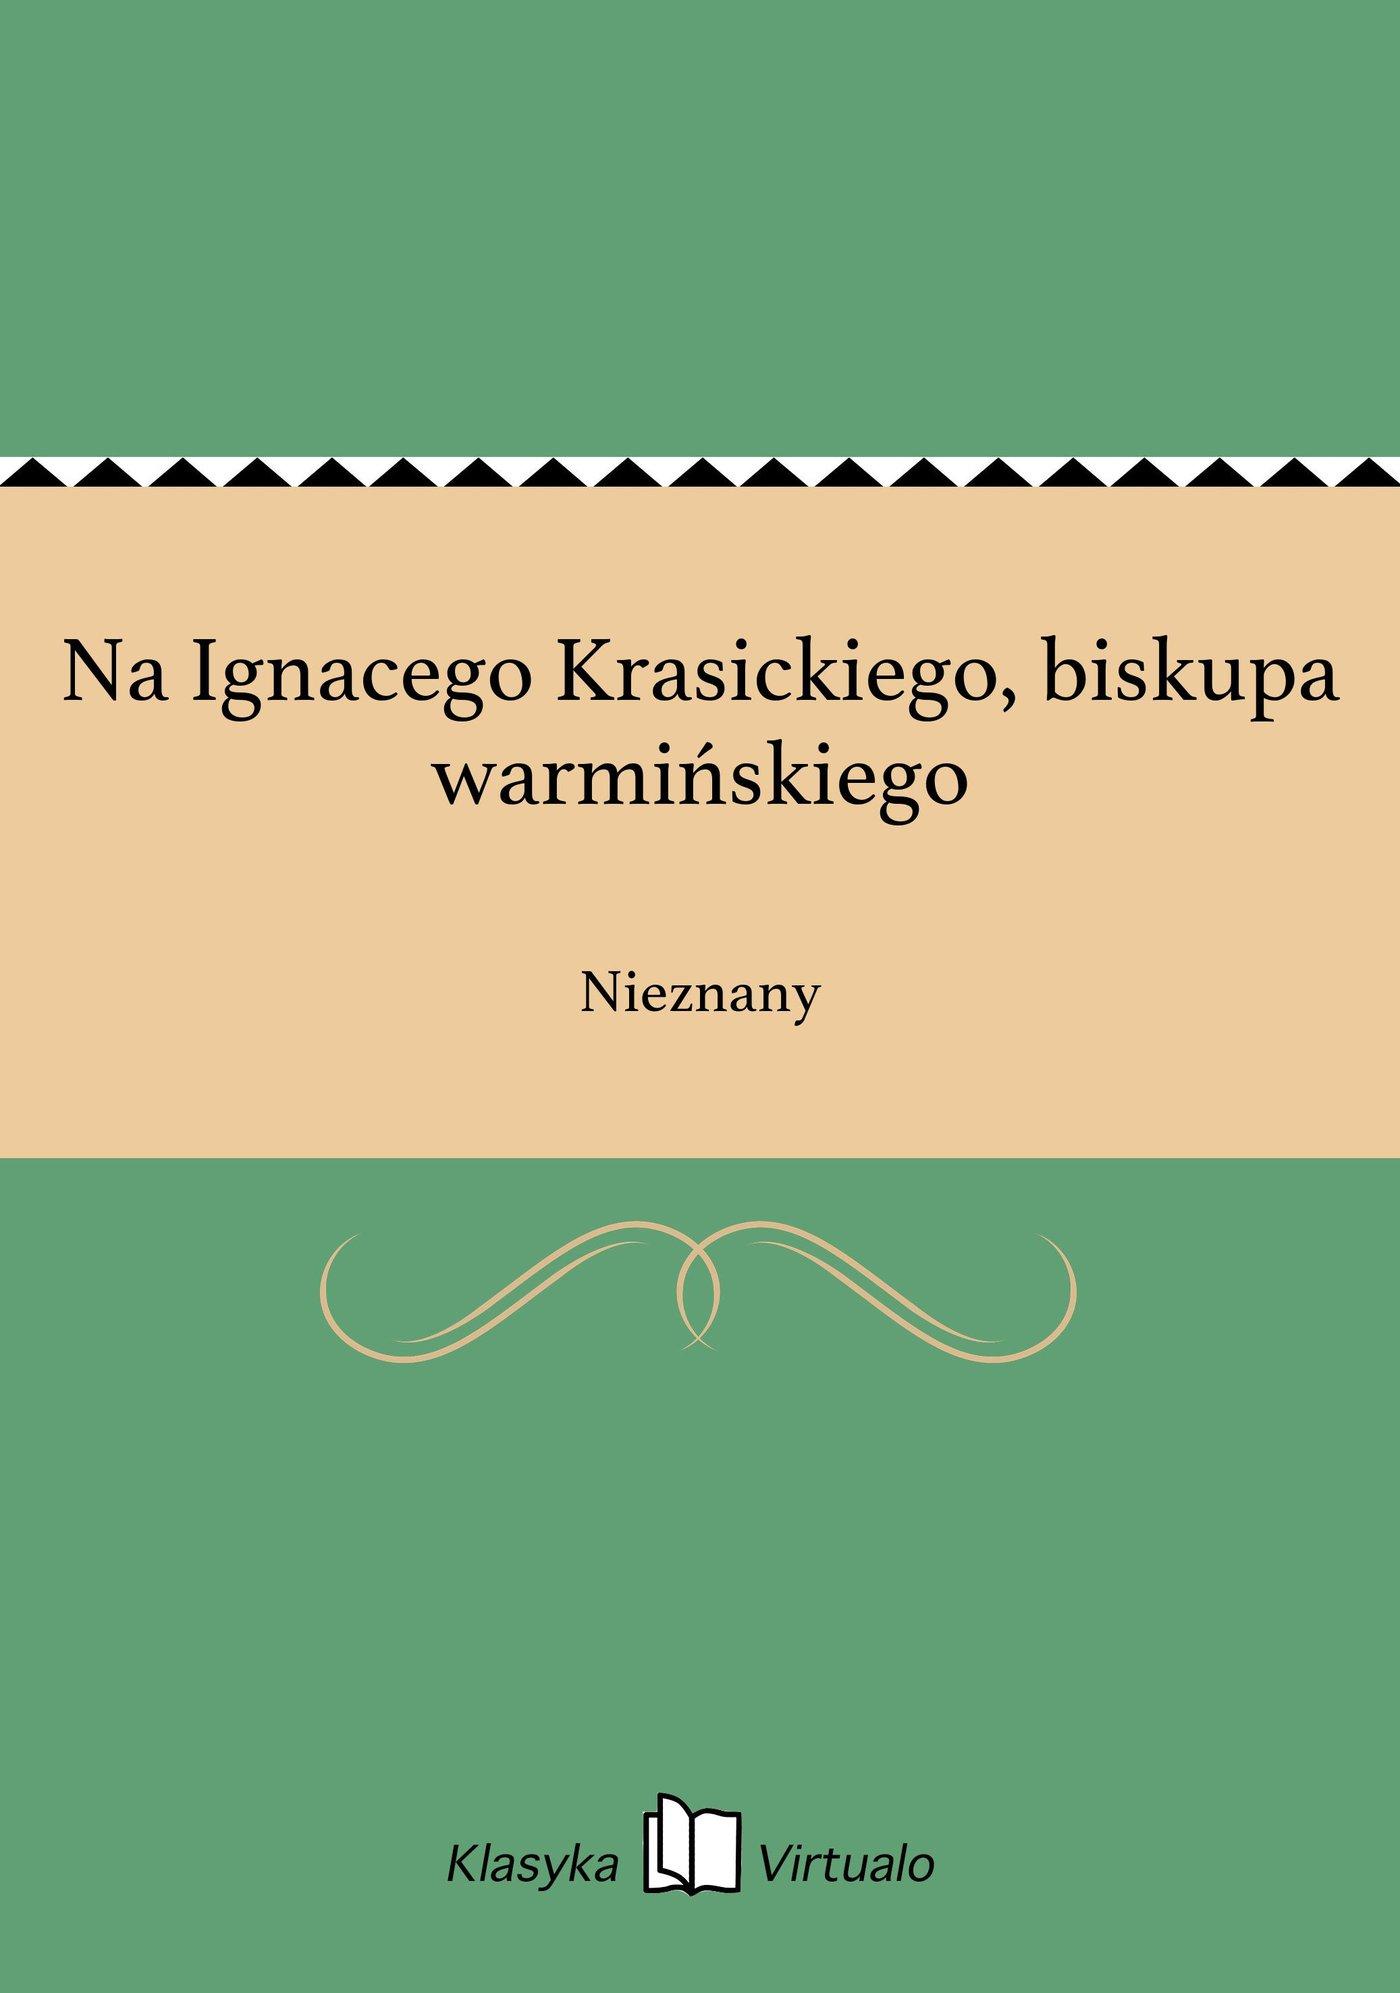 Na Ignacego Krasickiego, biskupa warmińskiego - Ebook (Książka EPUB) do pobrania w formacie EPUB